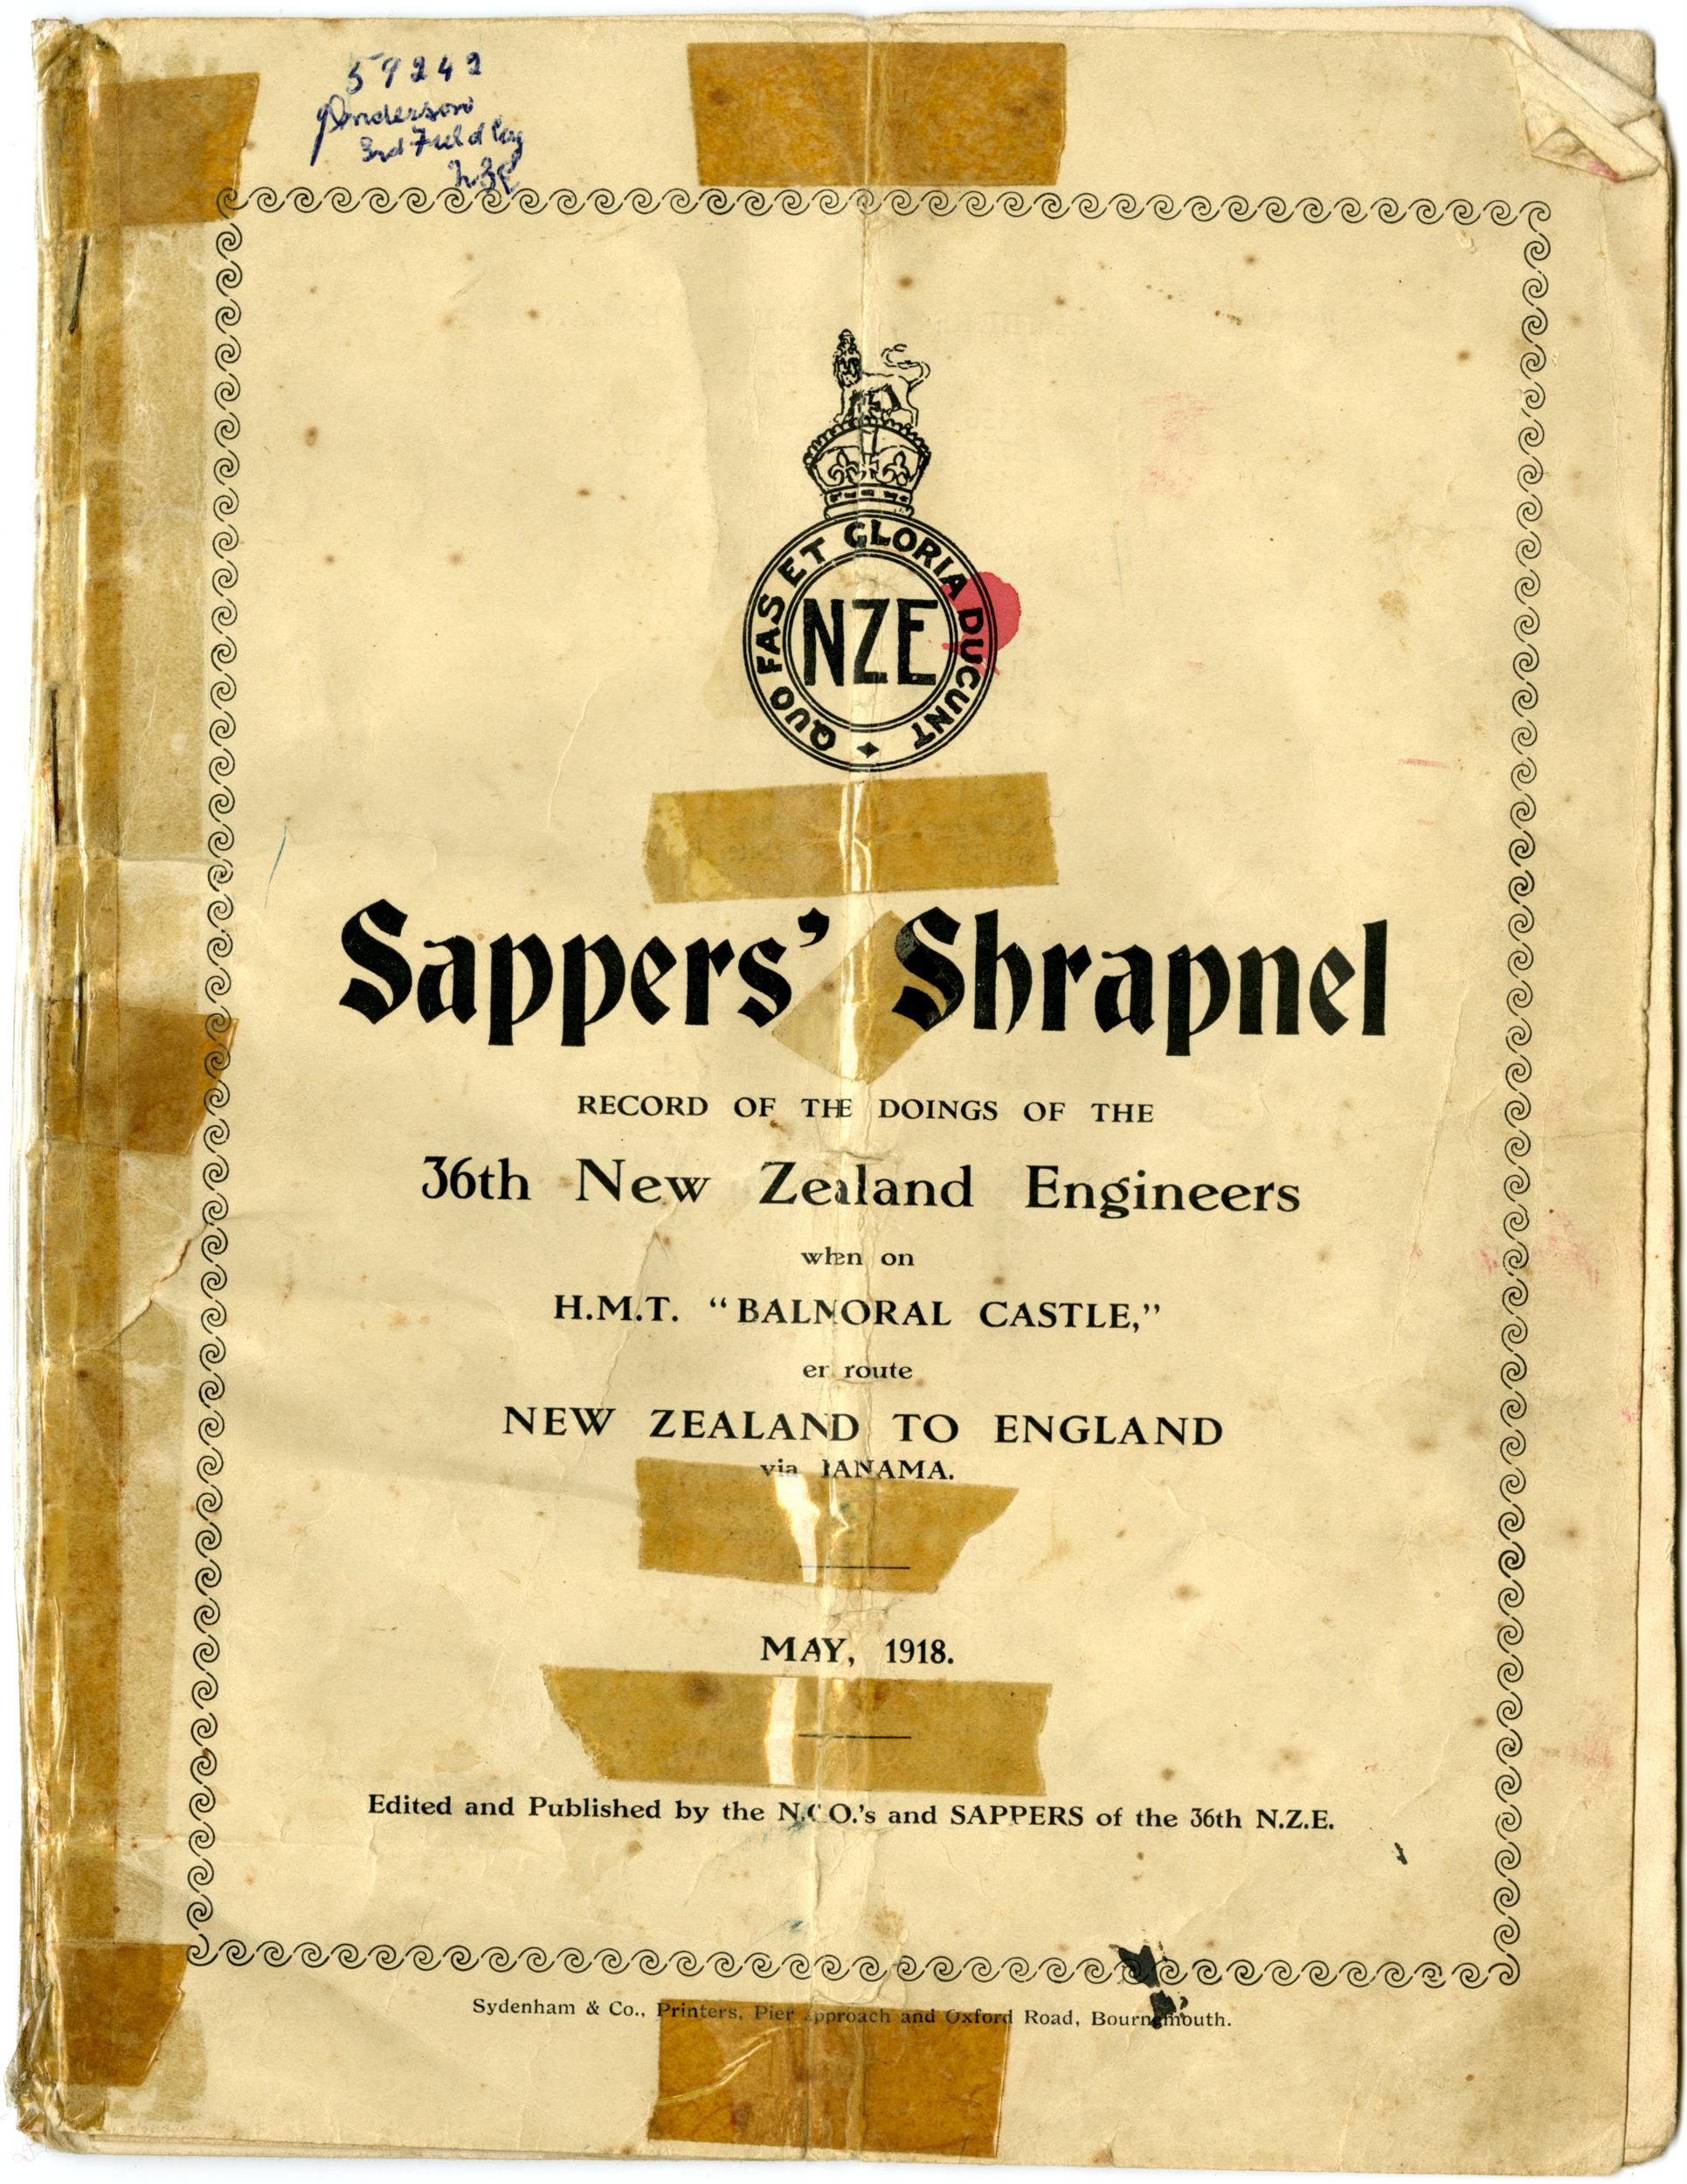 Sappers Shrapnel001.jpg